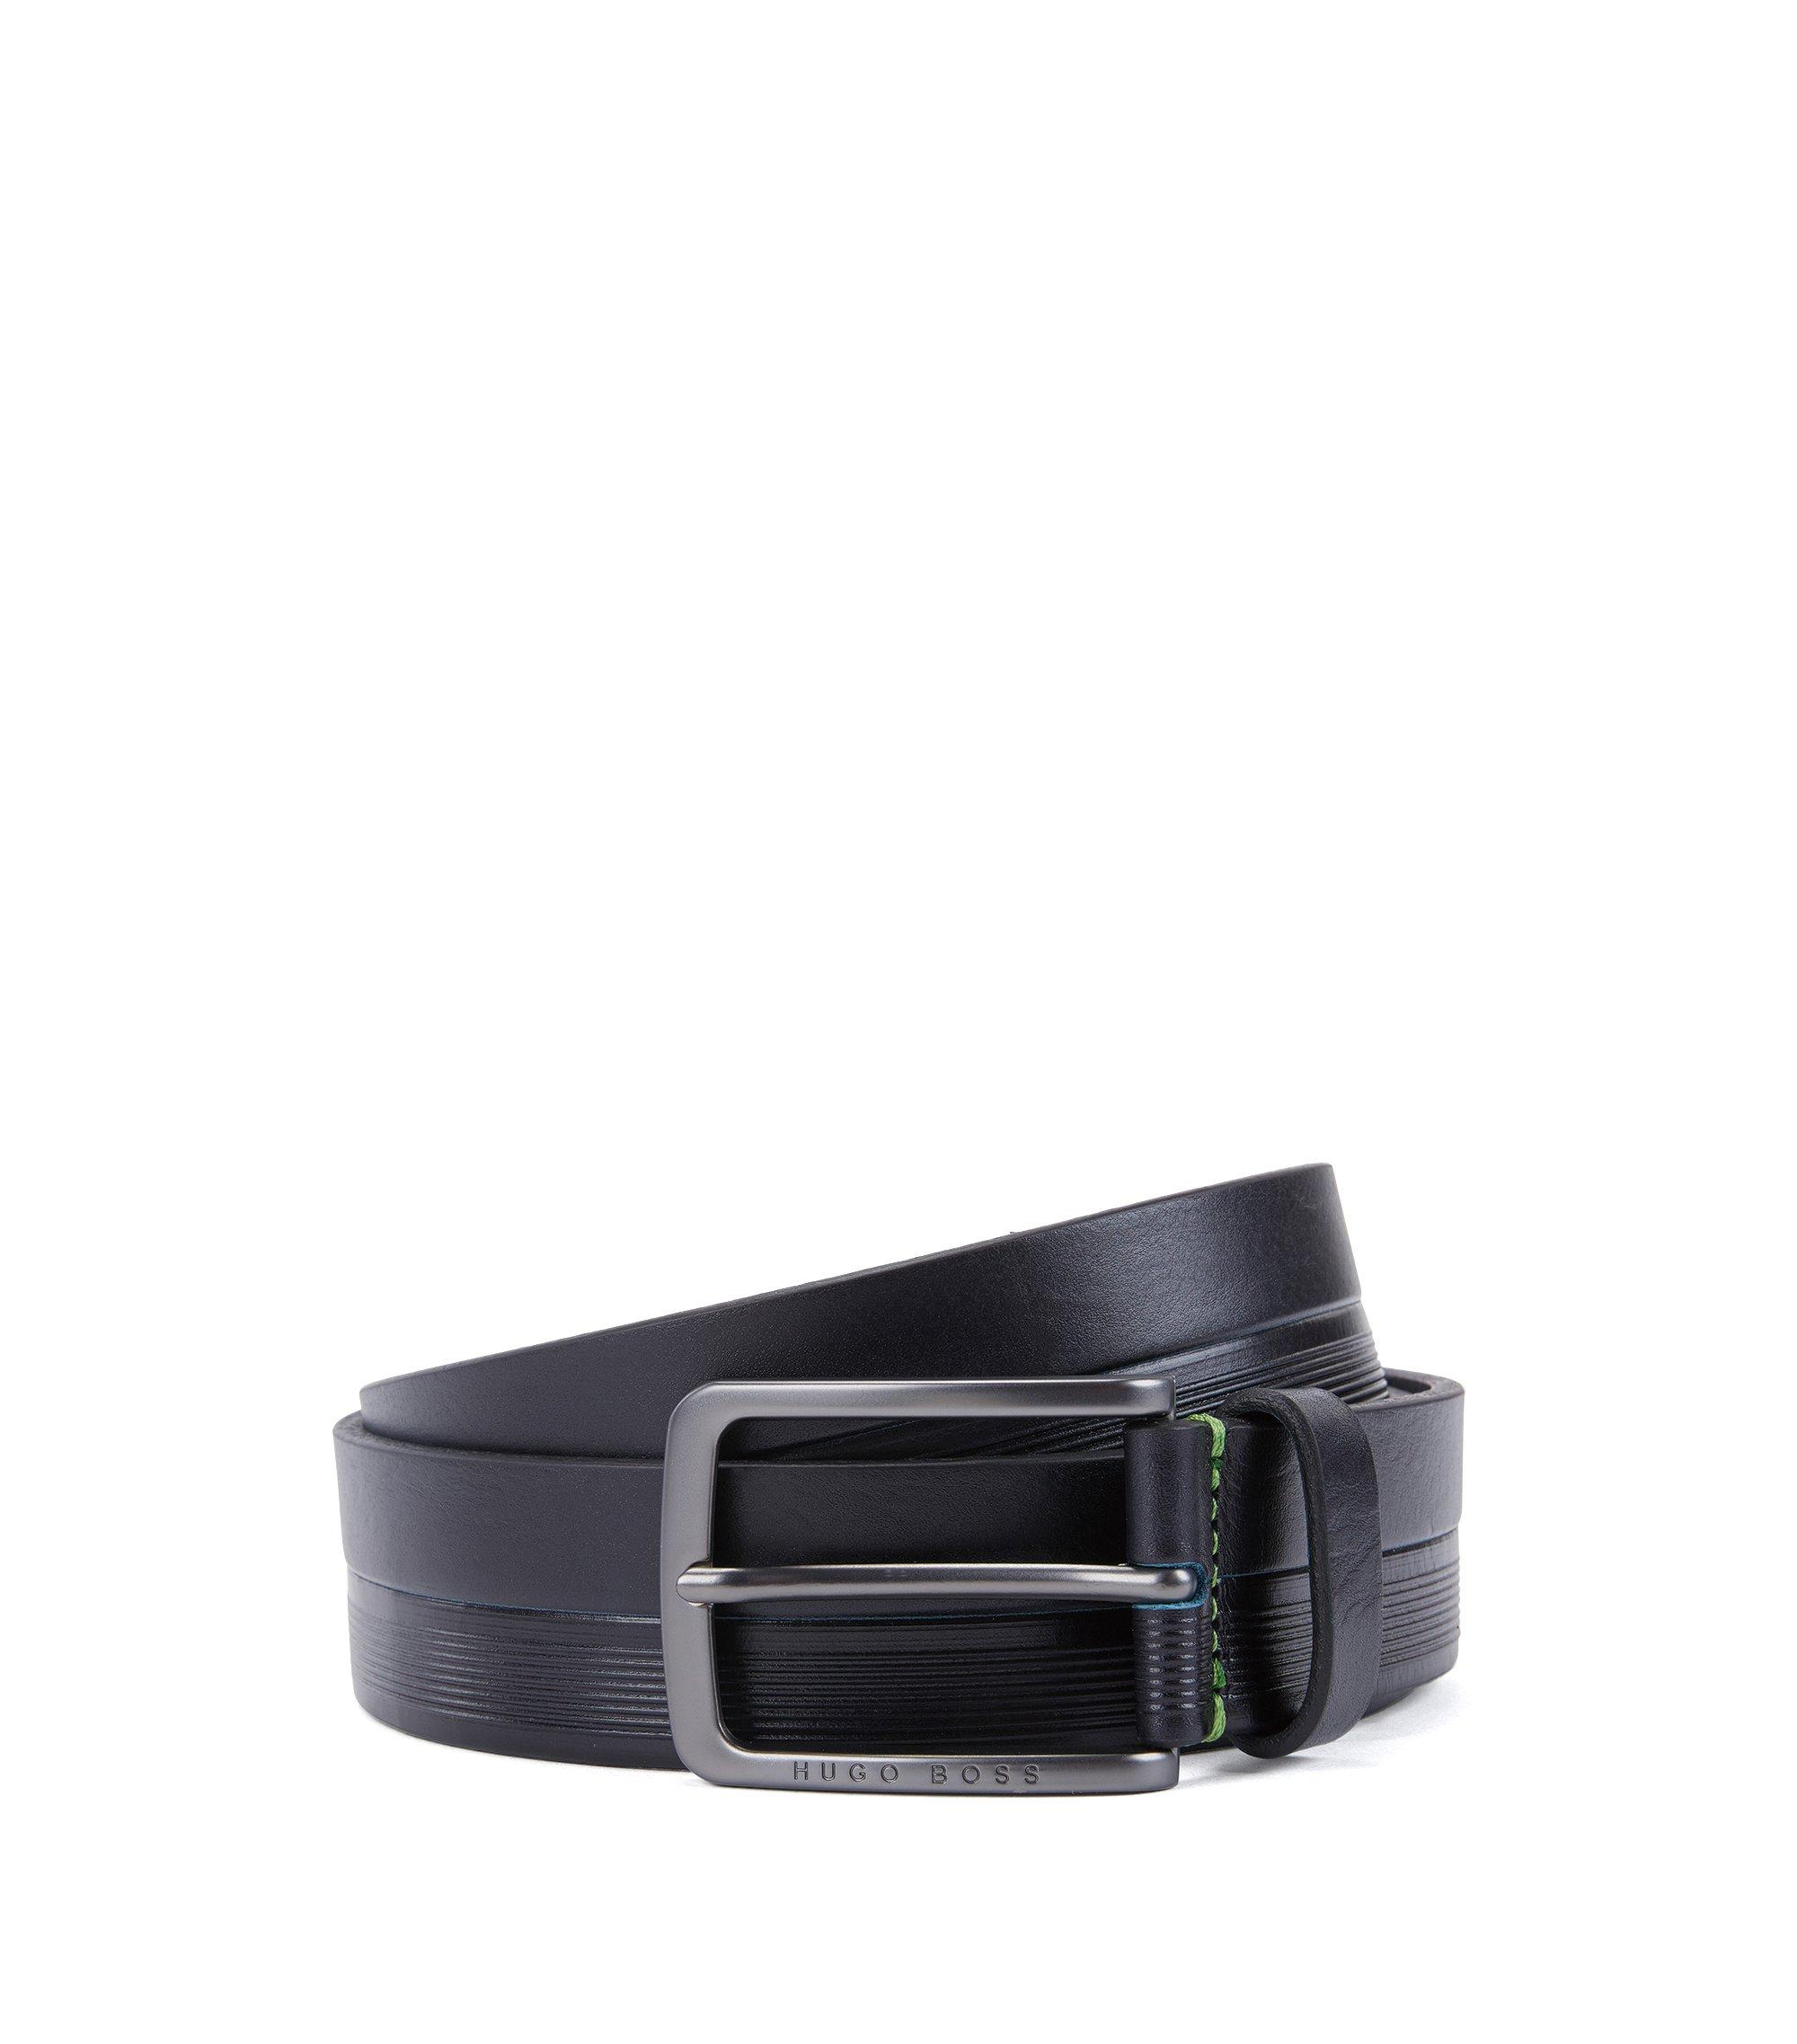 Cinturón de piel con rayas y logos grabados, Azul oscuro